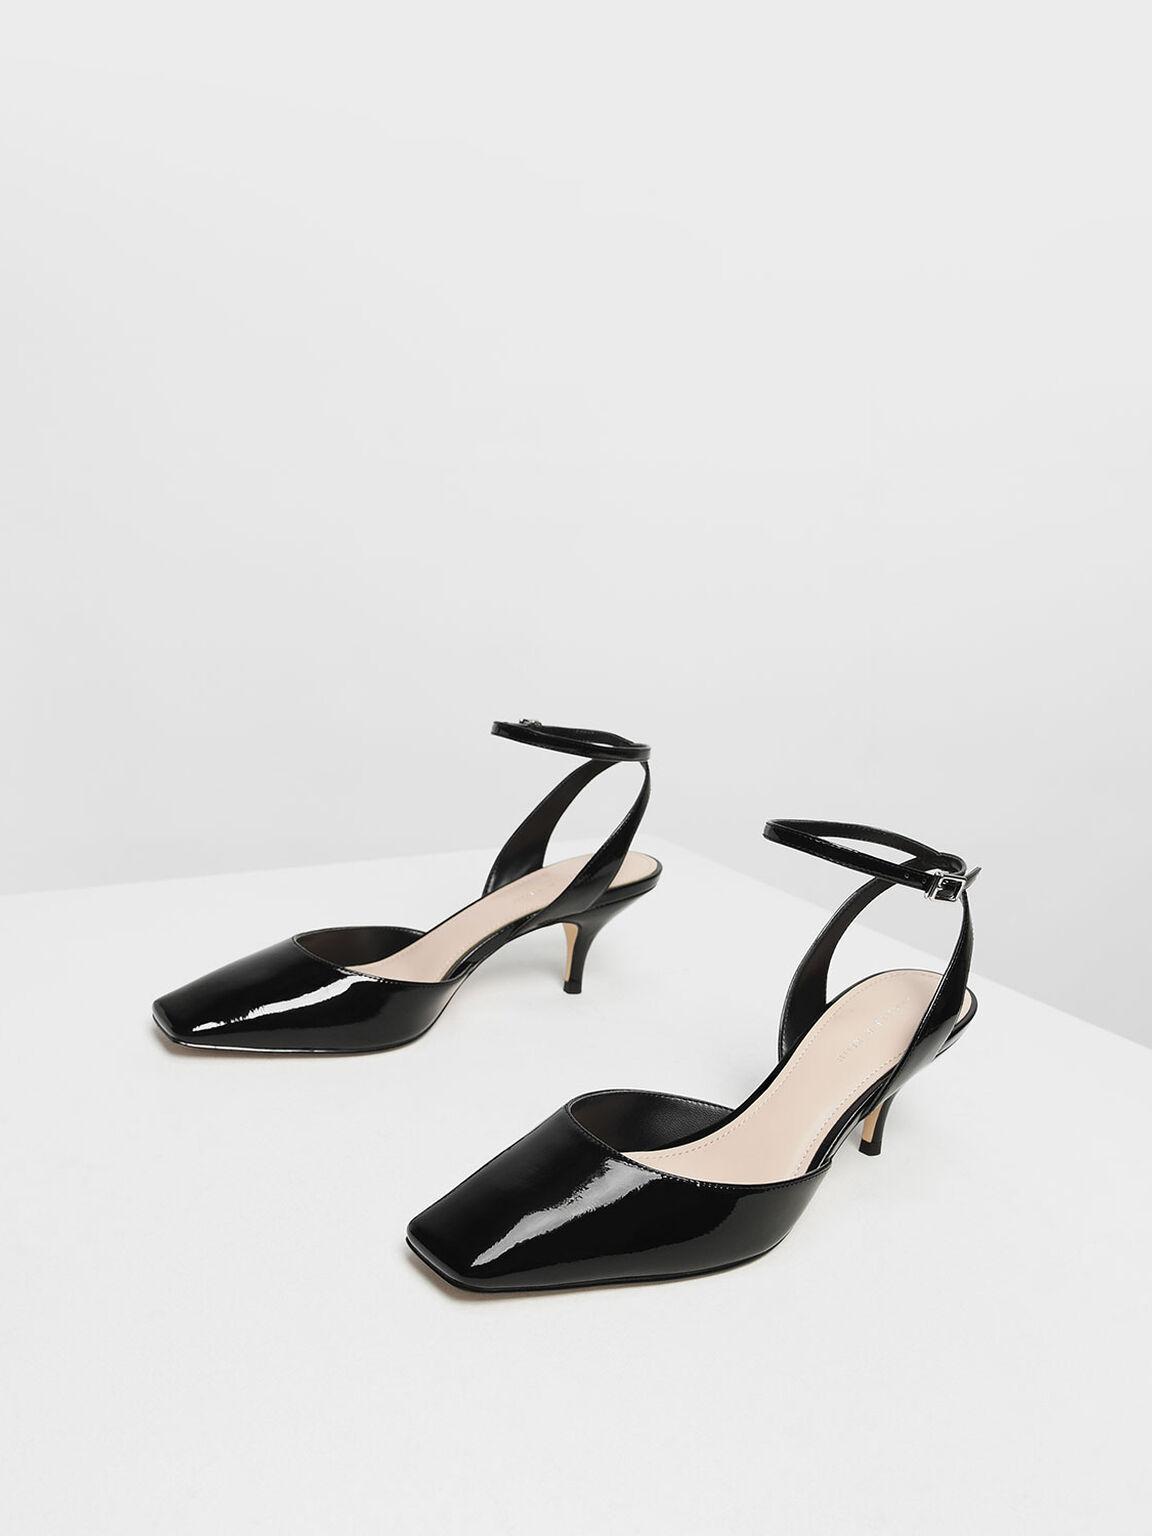 Square Toe Ankle Strap Heels, Black, hi-res